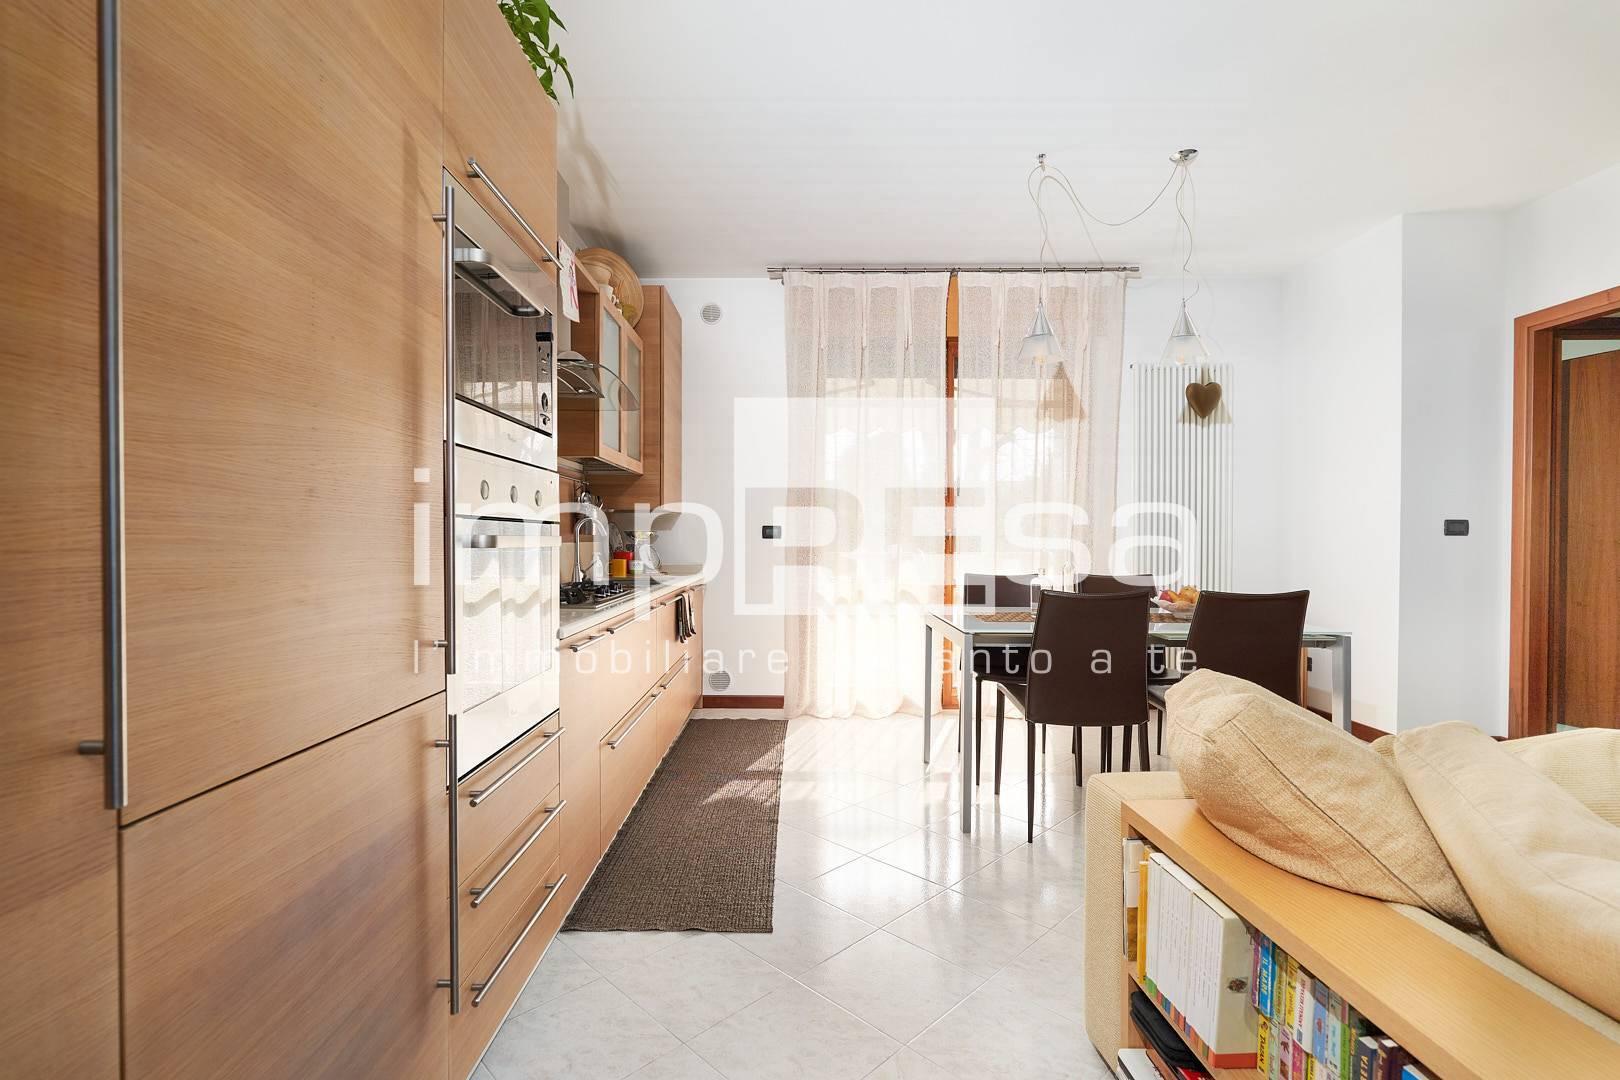 Appartamento in vendita a Salzano, 3 locali, prezzo € 129.000 | PortaleAgenzieImmobiliari.it